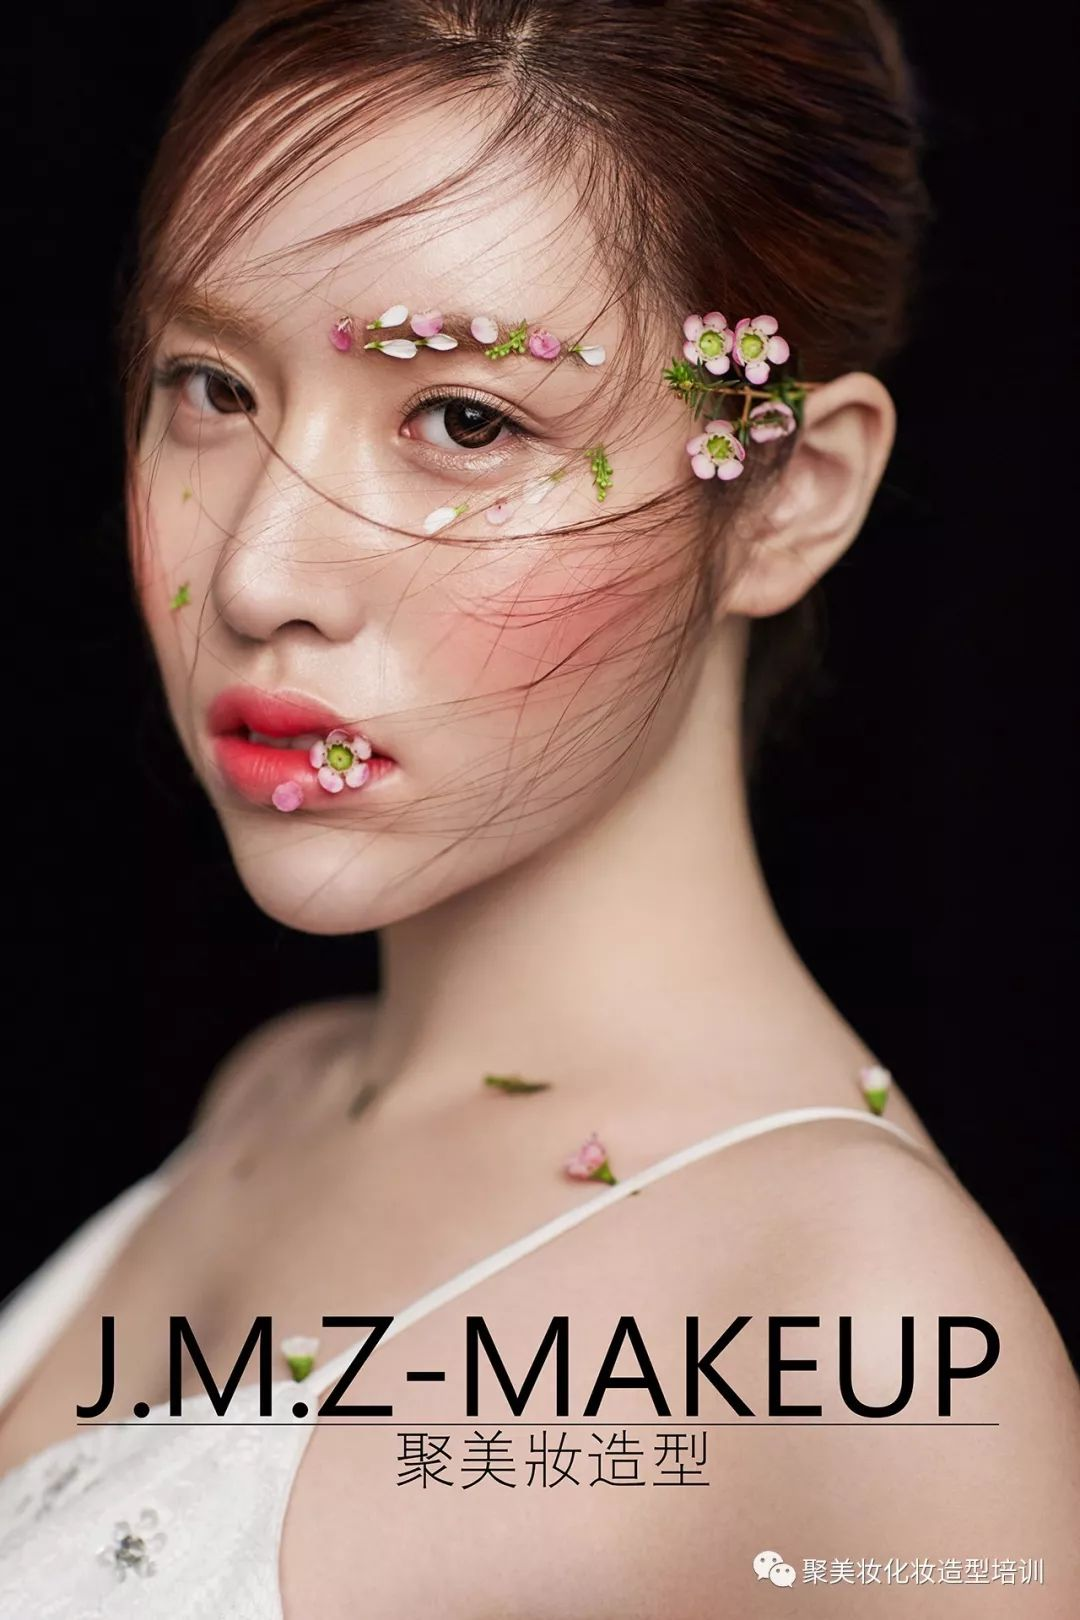 清透的妆容,夸张的贴面儿,不束缚,做自己,俏丽而明媚.图片